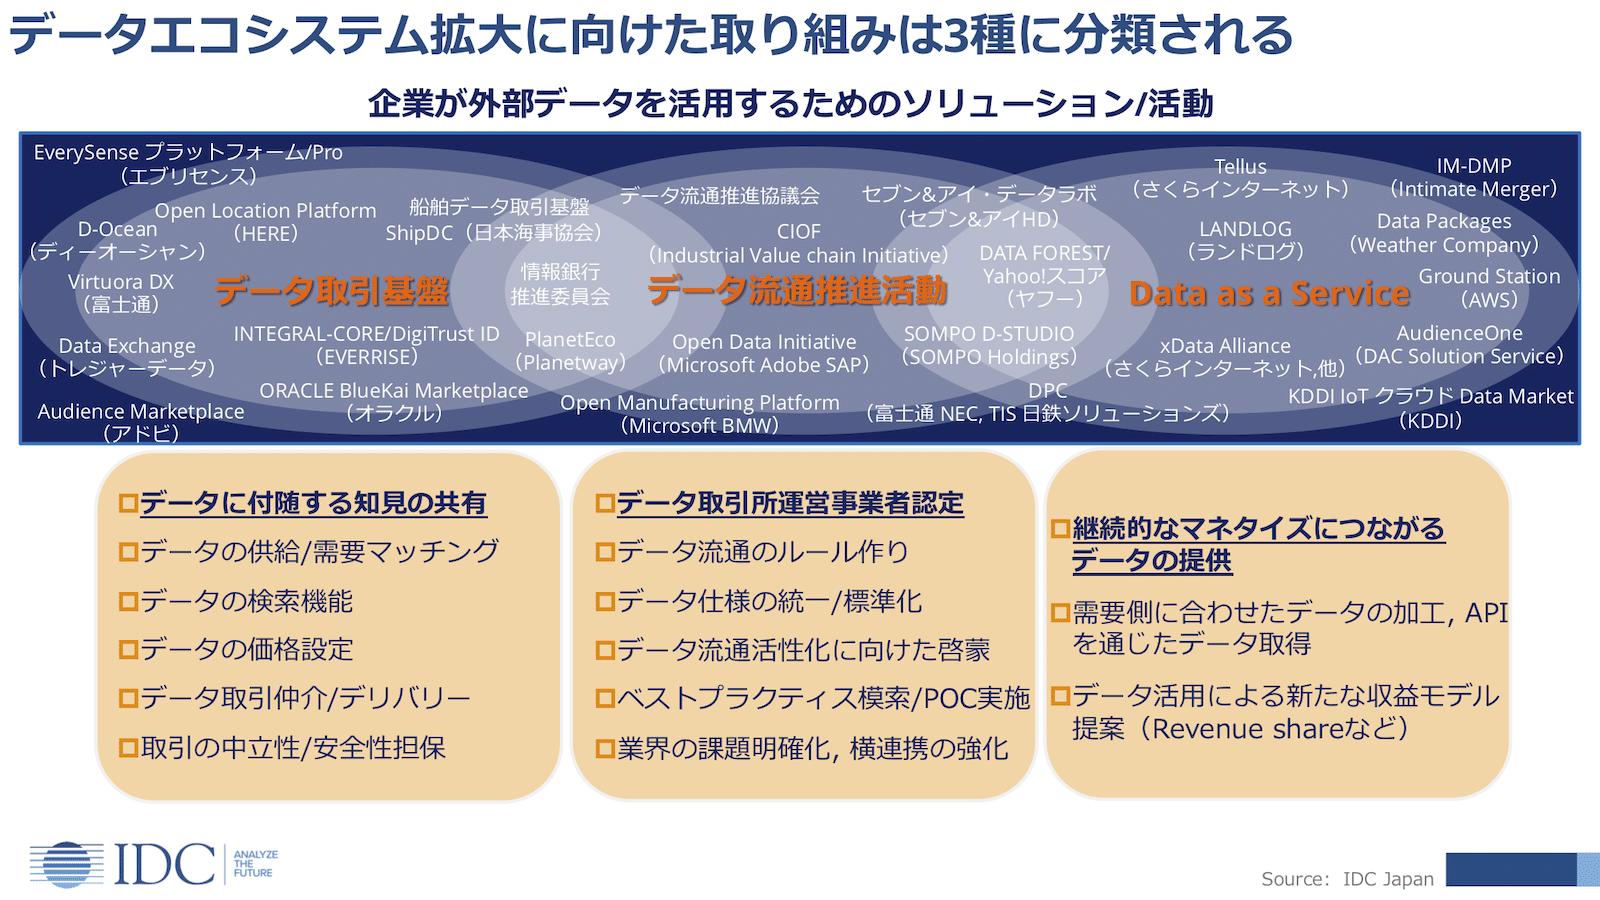 企業が外部のデータ(2nd/3rdパーティデータ)を活用するためのソリューションや枠組みの概要。IDC Japanでは、これらを3種に分類している(出典:IDC Japan)